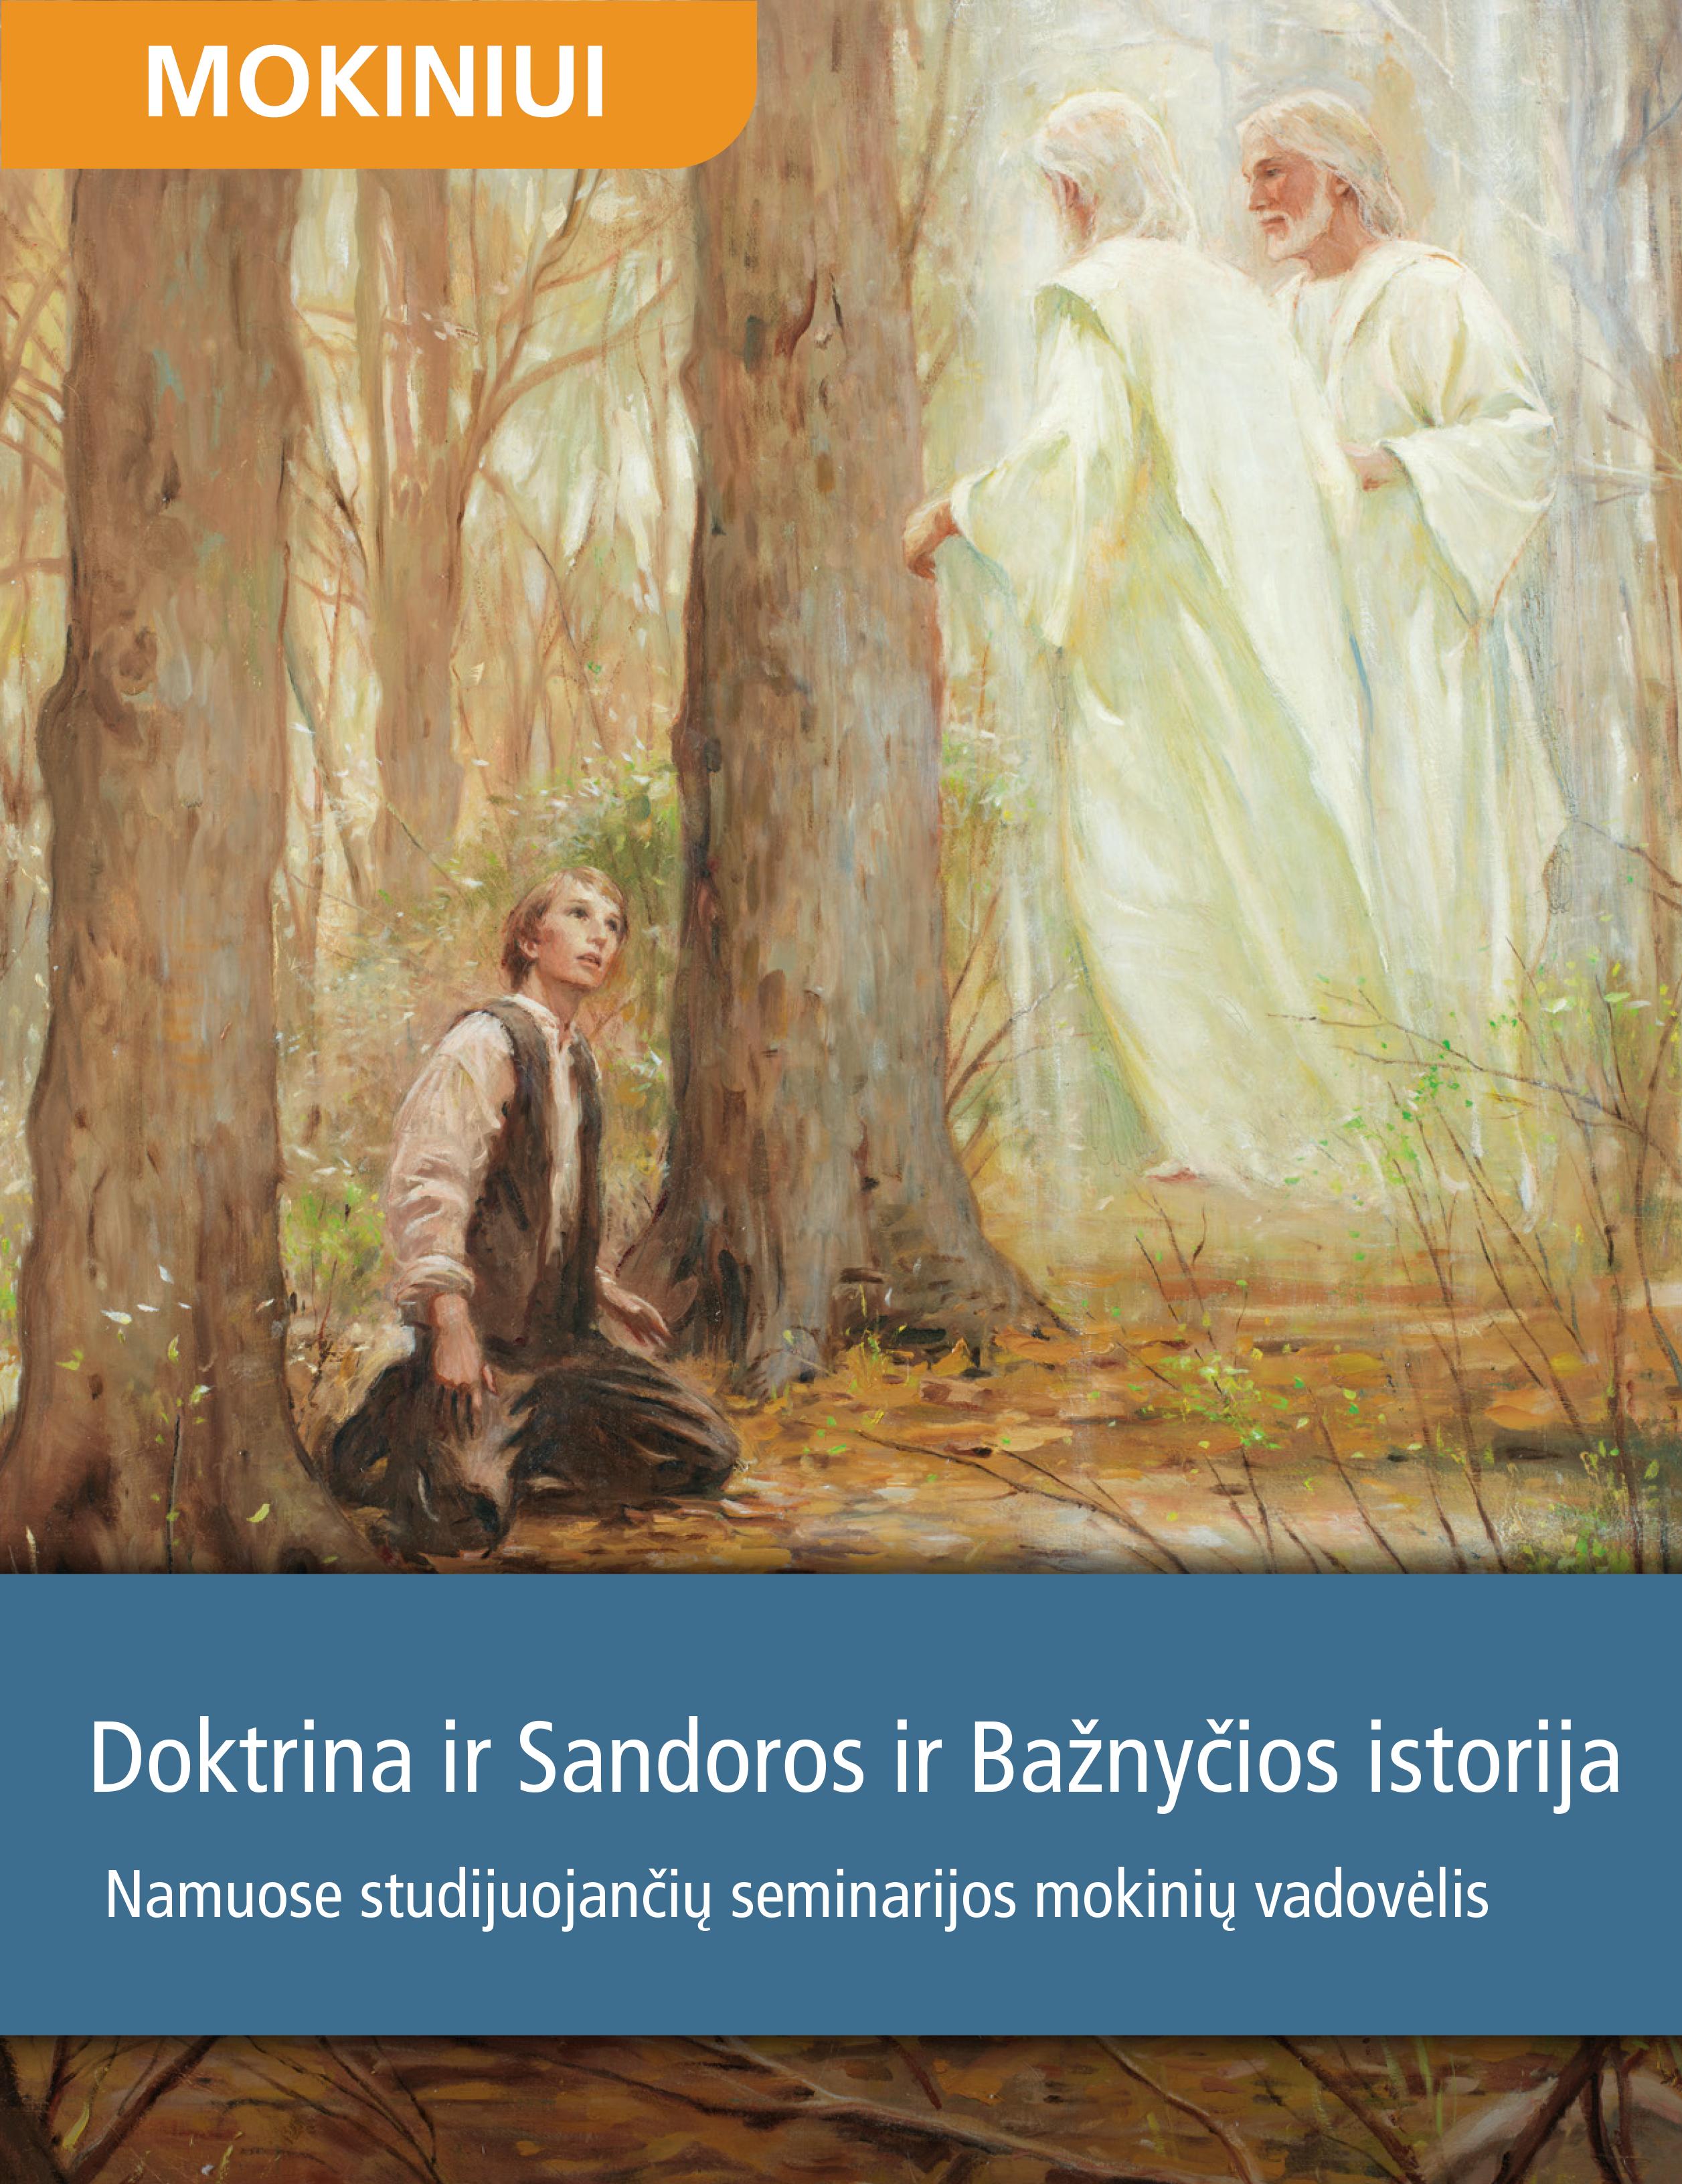 Doktrina ir Sandoros ir Bažnyčios istorija. Namuose studijuojančių seminarijos mokinių vadovėlis